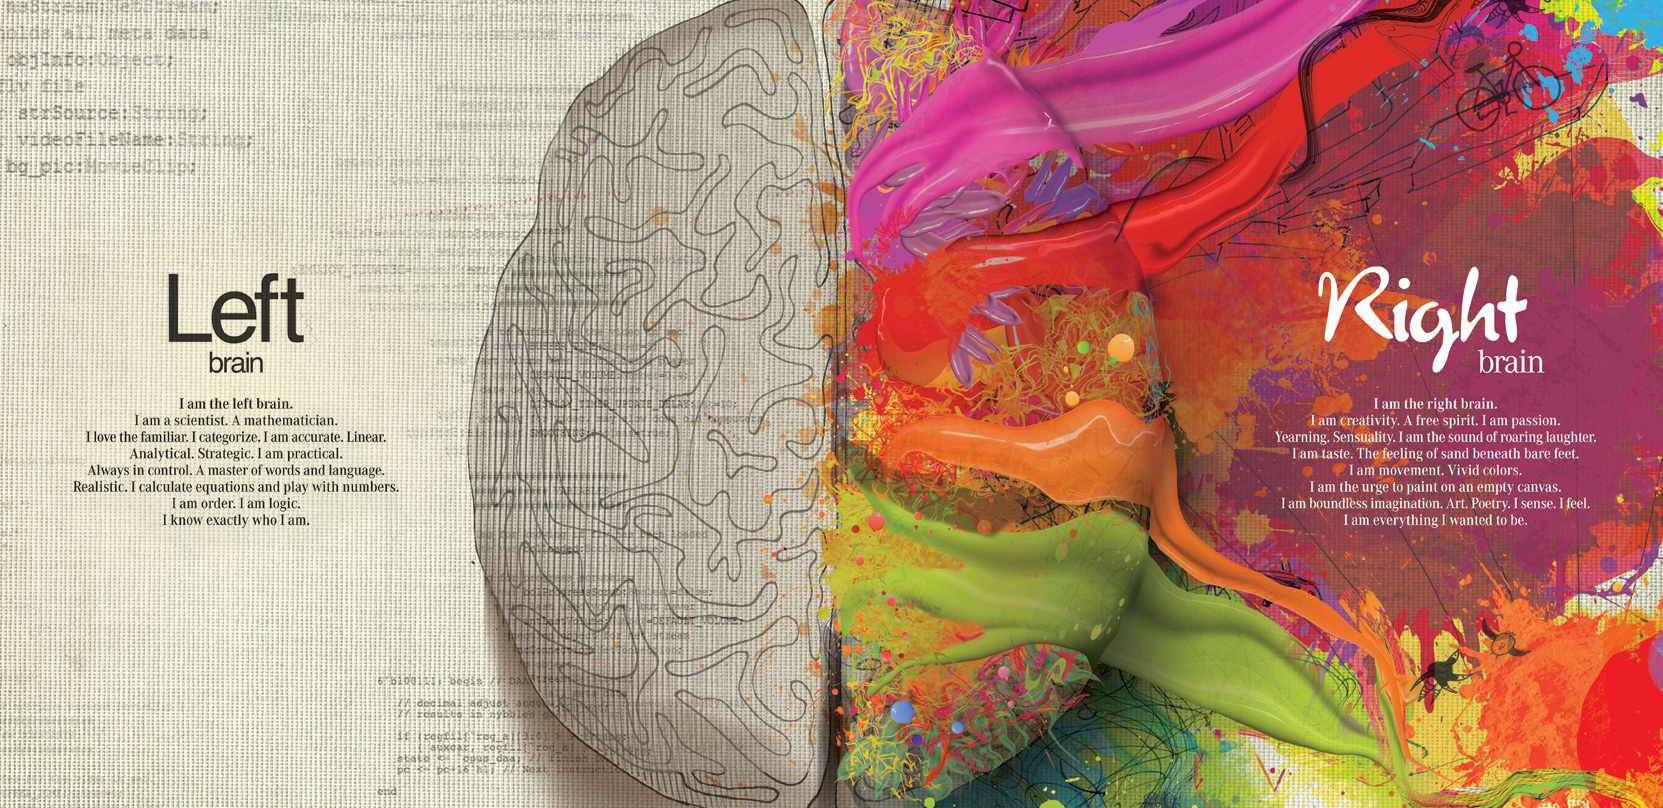 看右脑如何点亮创意,程序员们你们或许不懂吧